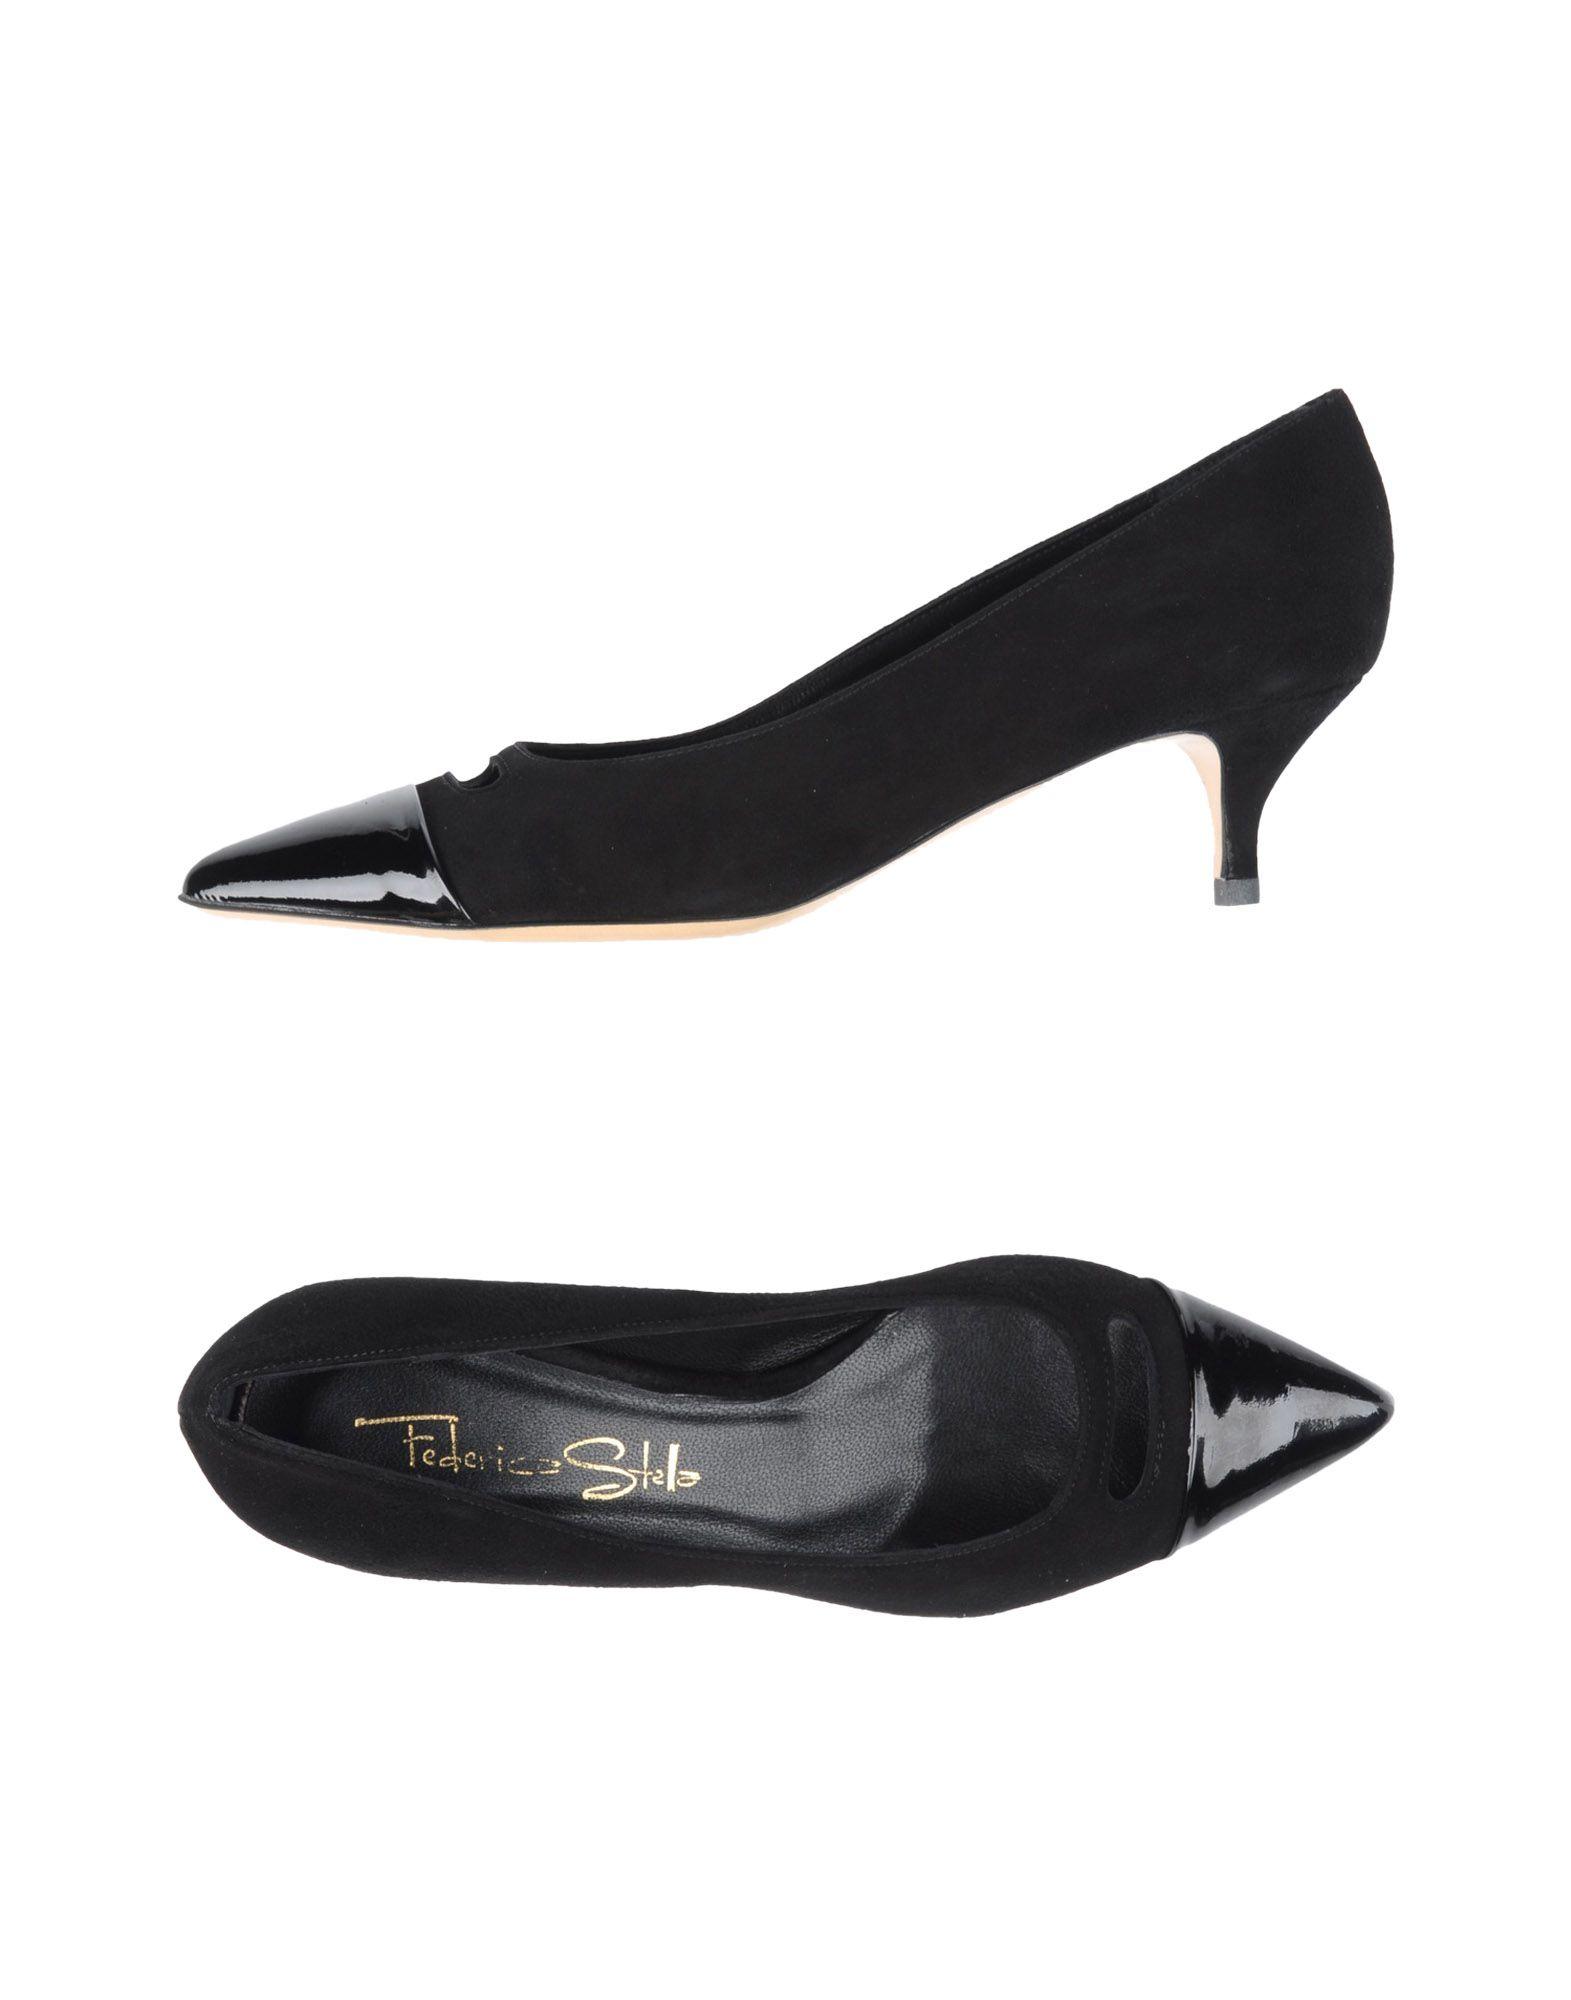 Gran descuento Zapato De Salón Federica Stella Stella Federica Mujer - Salones Federica Stella  Negro d00df5